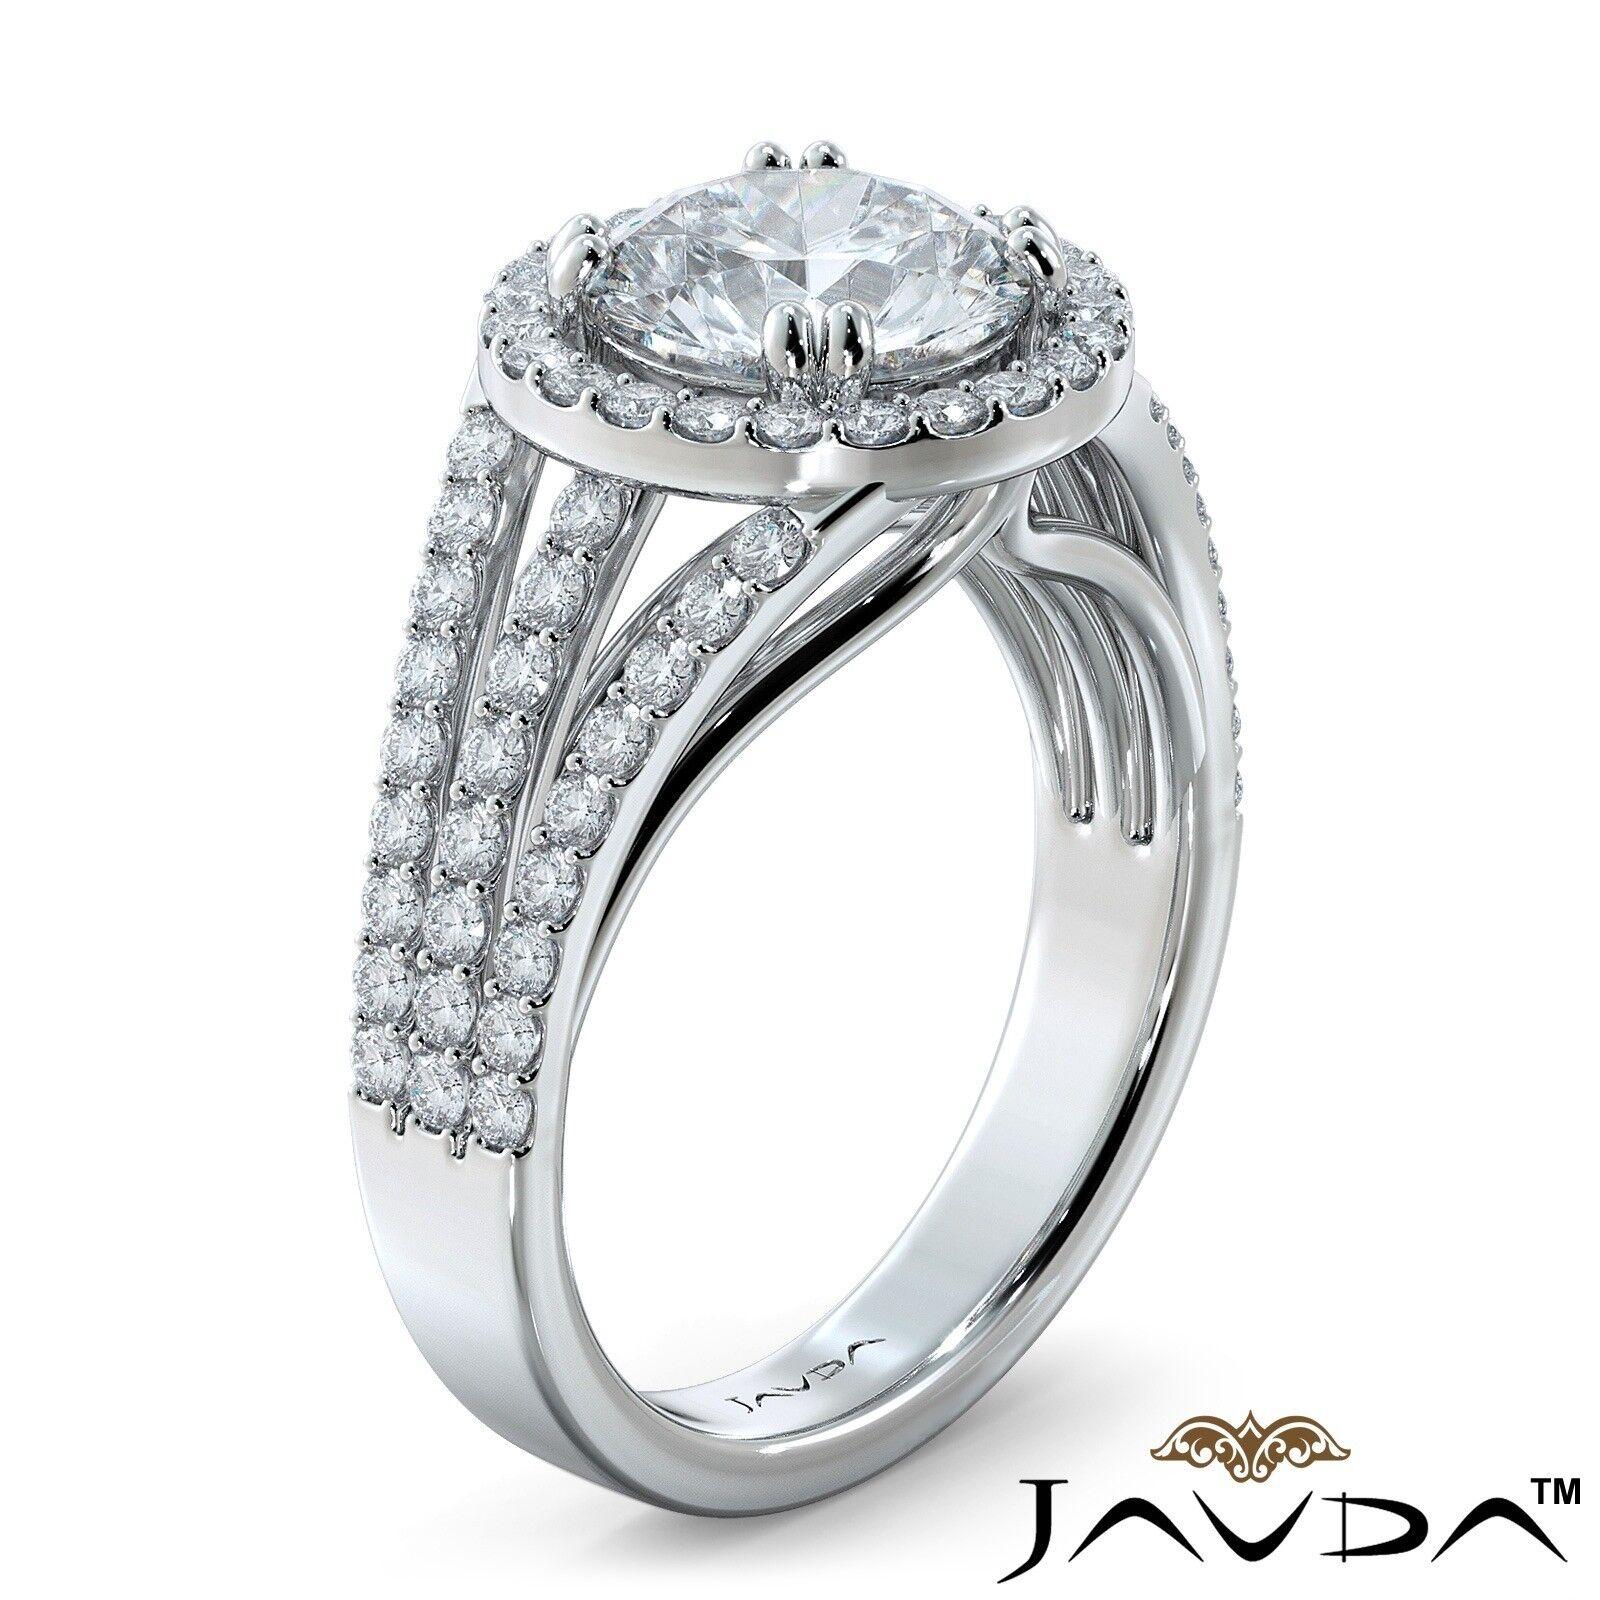 2ct Trio Shank Halo Sidestone Round Diamond Engagement Ring GIA E-VS2 White Gold 1